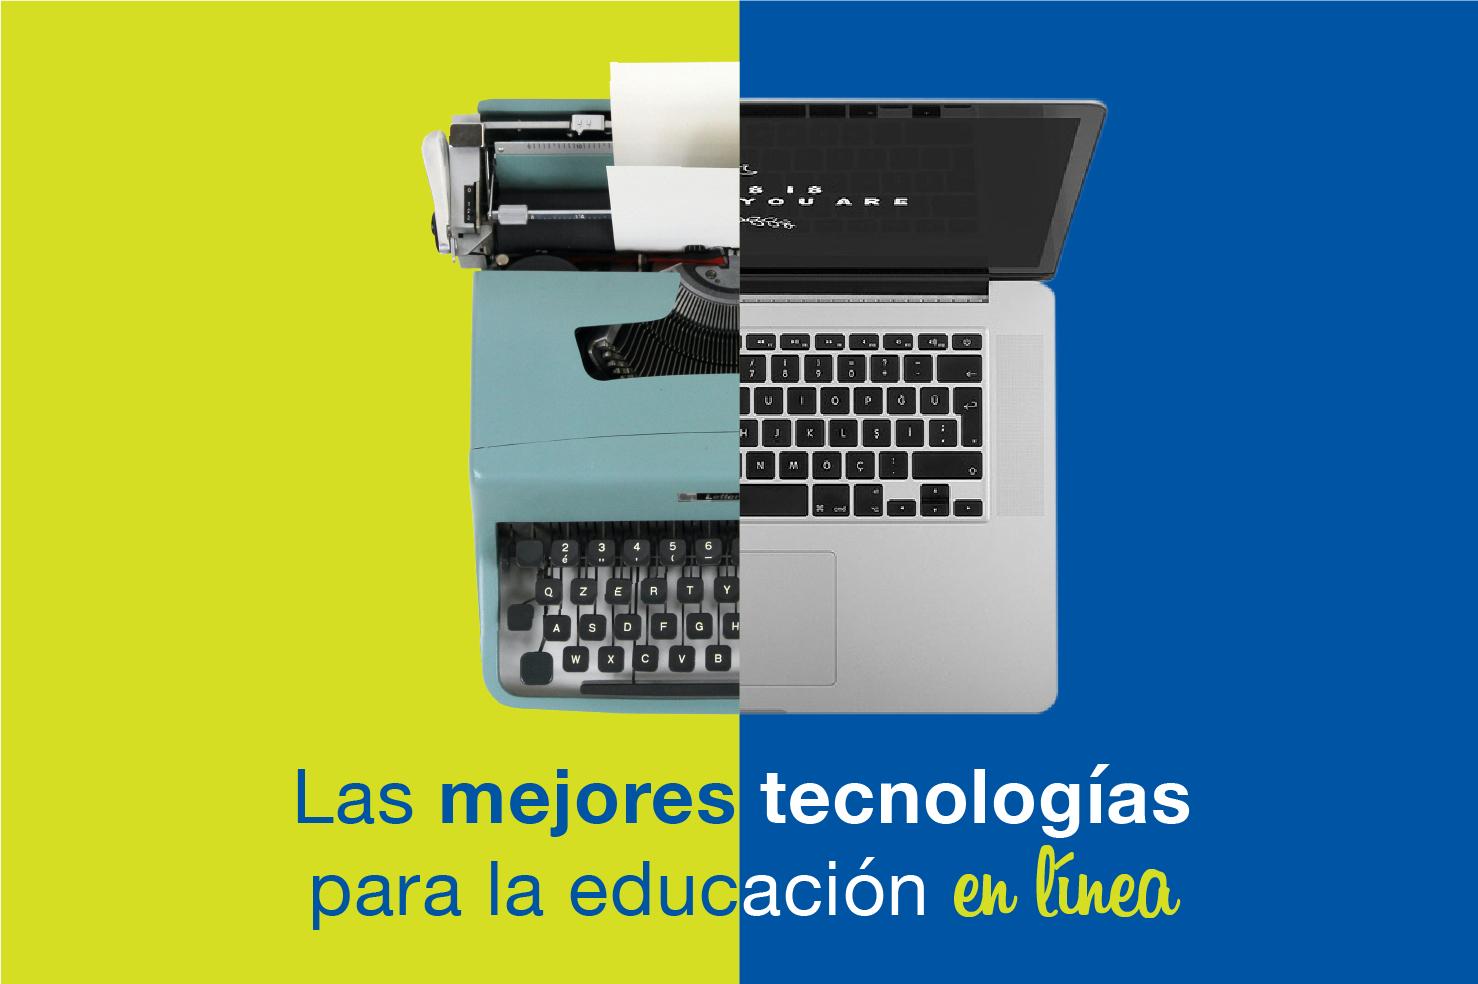 Educación en línea: las mejores tecnologías para aprovechar tu educación al máximo